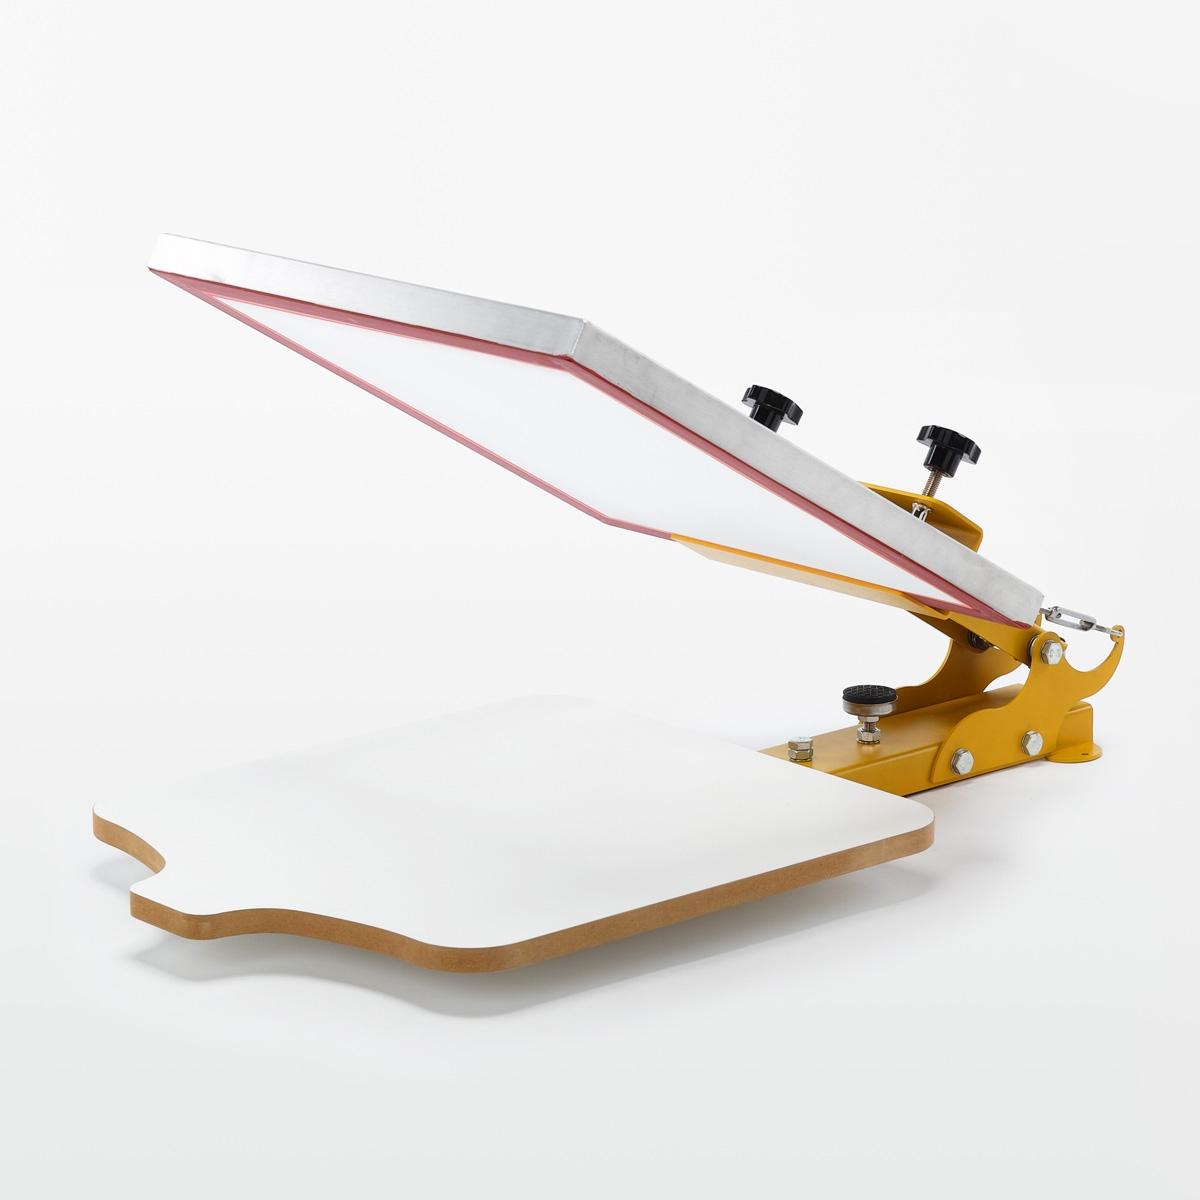 HDT150-siebdruckmaschine-Textildruck